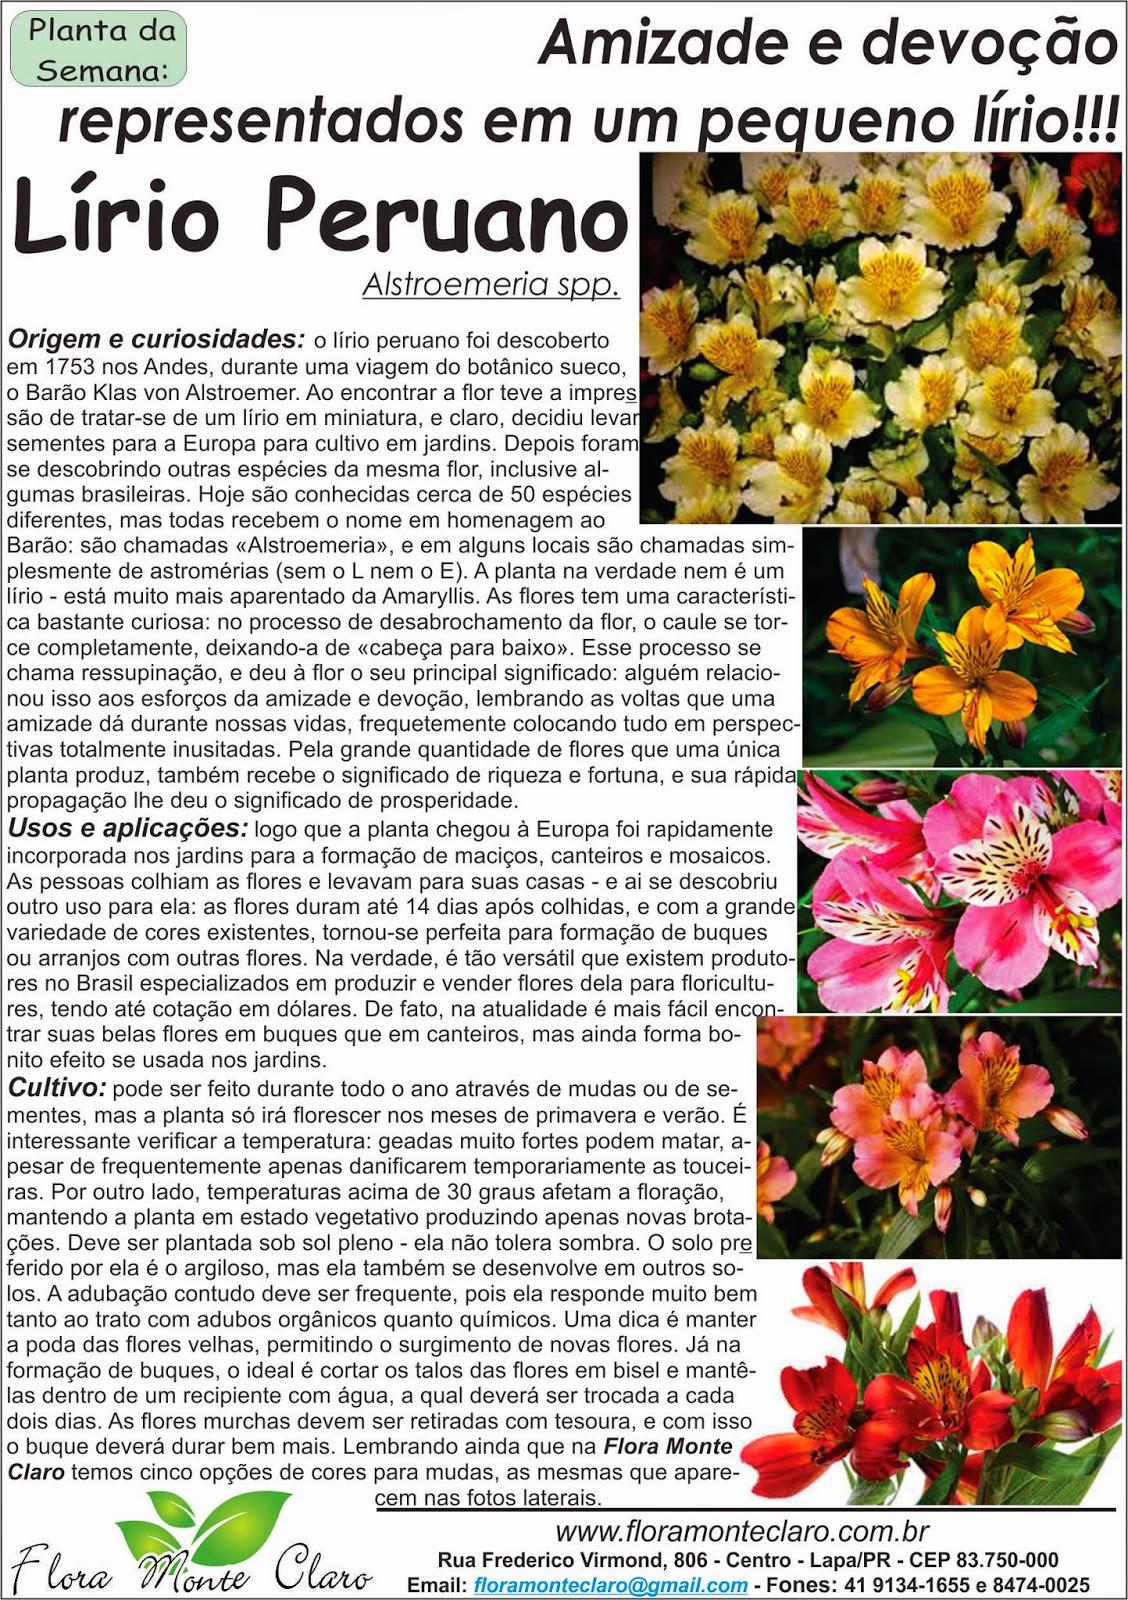 Alstroemeria Lirio Peruano